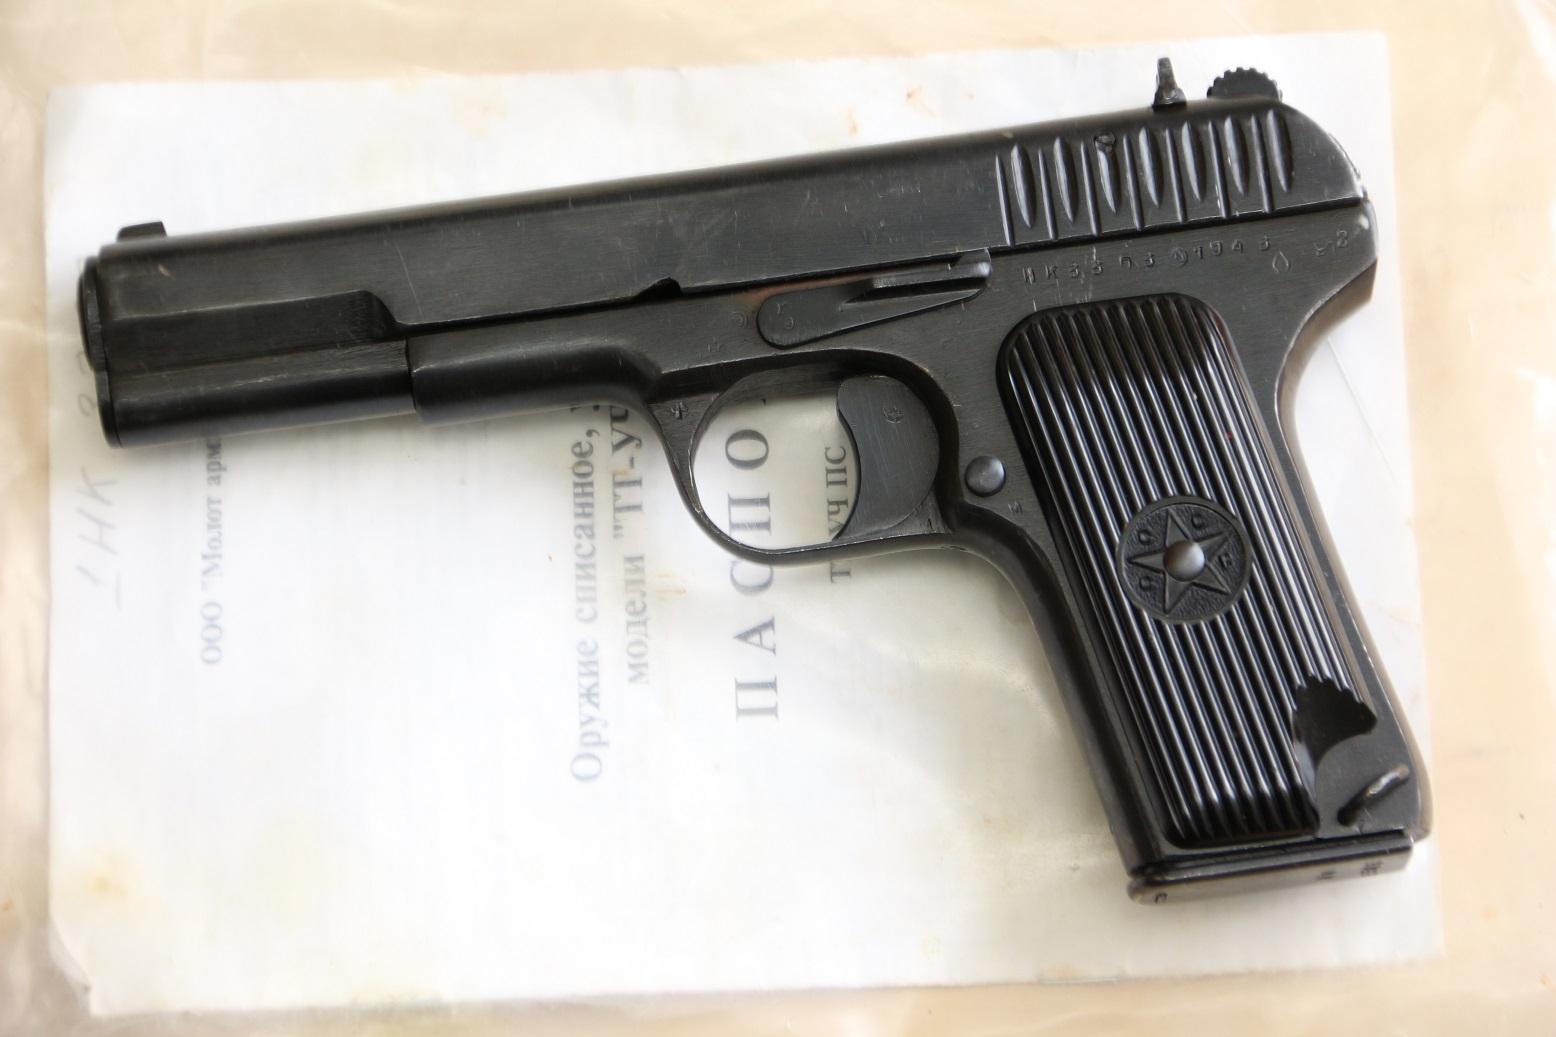 Фото Пистолет ТТ-УЧ Молот Армз, 1943 год, №ИИ3303